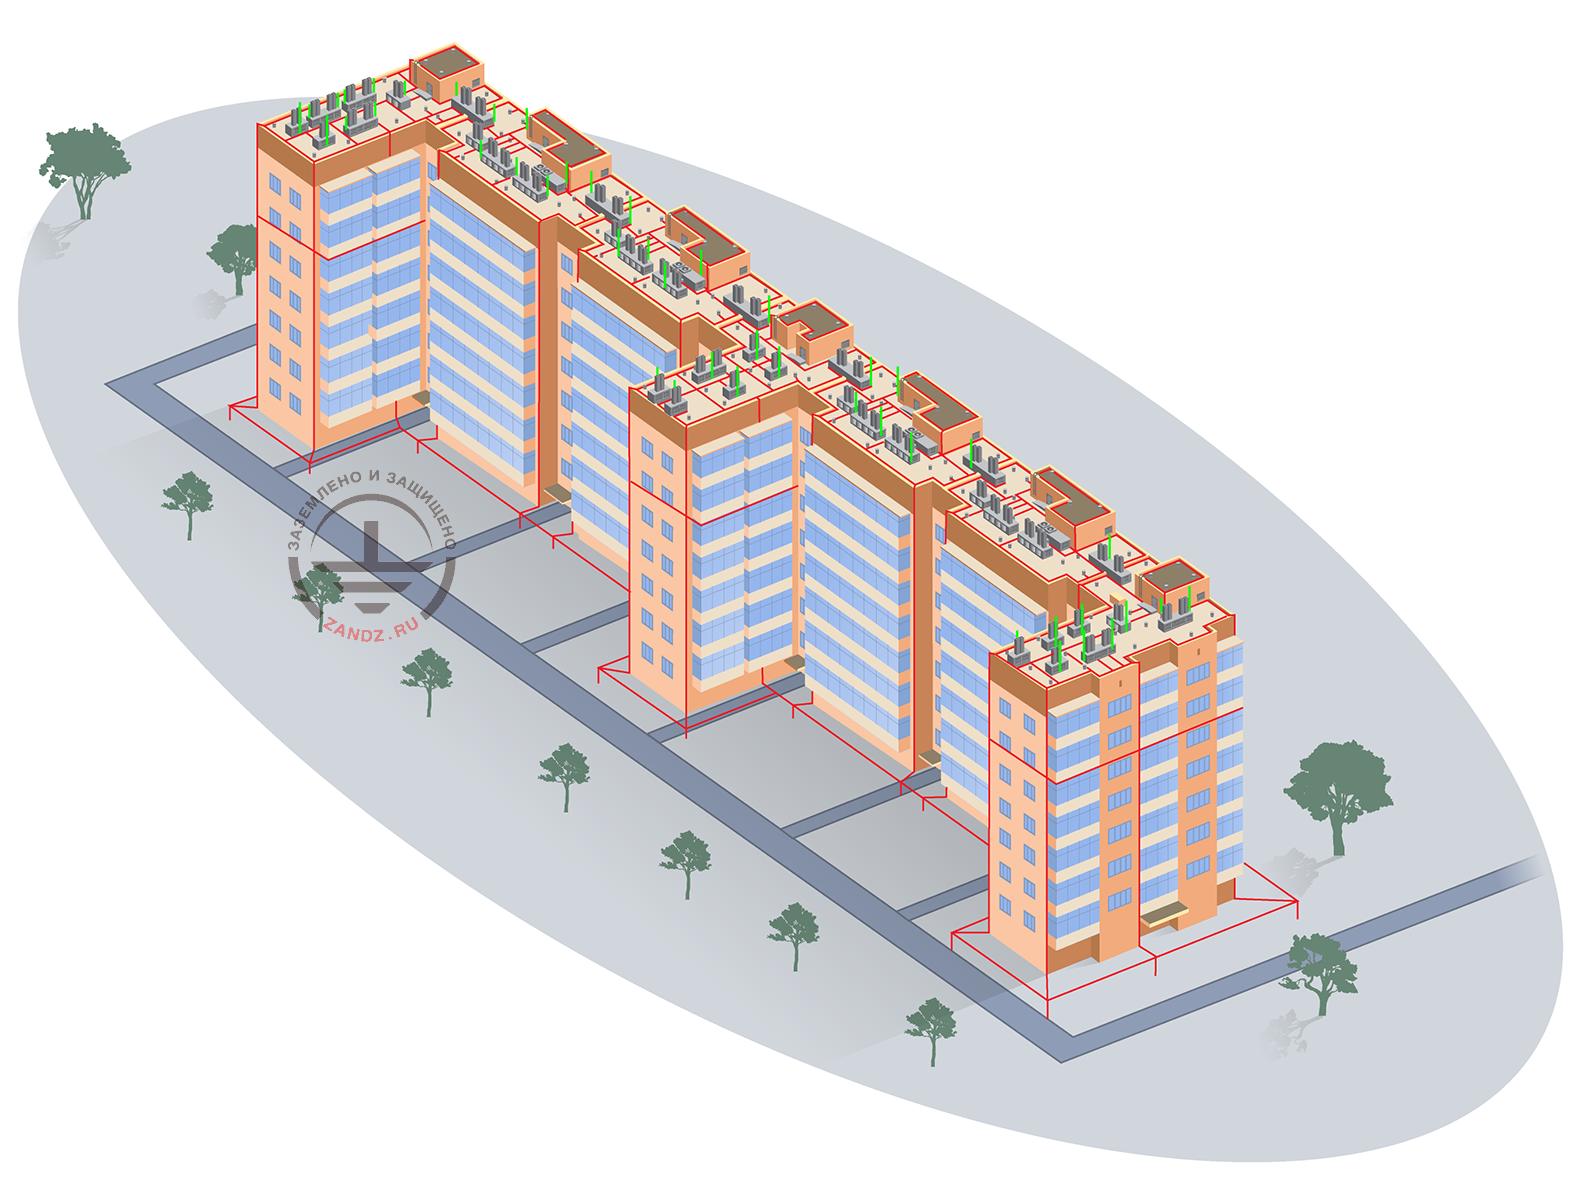 Проект заземления и молниезащиты для жилого многоквартирного дома